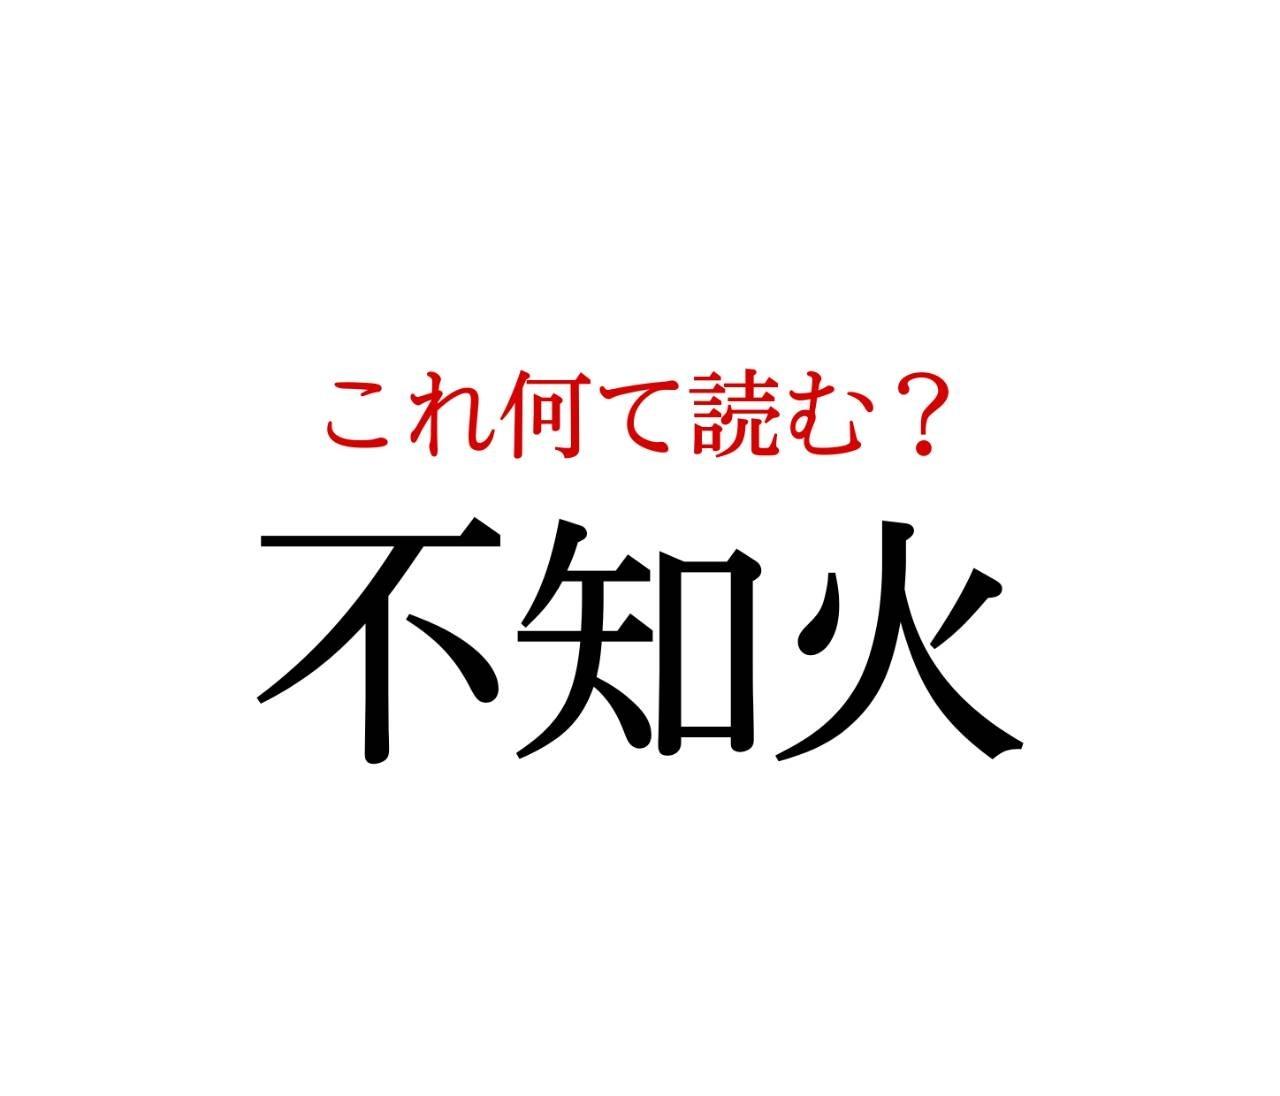 「不知火」:この漢字、自信を持って読めますか?【働く大人の漢字クイズvol.39】